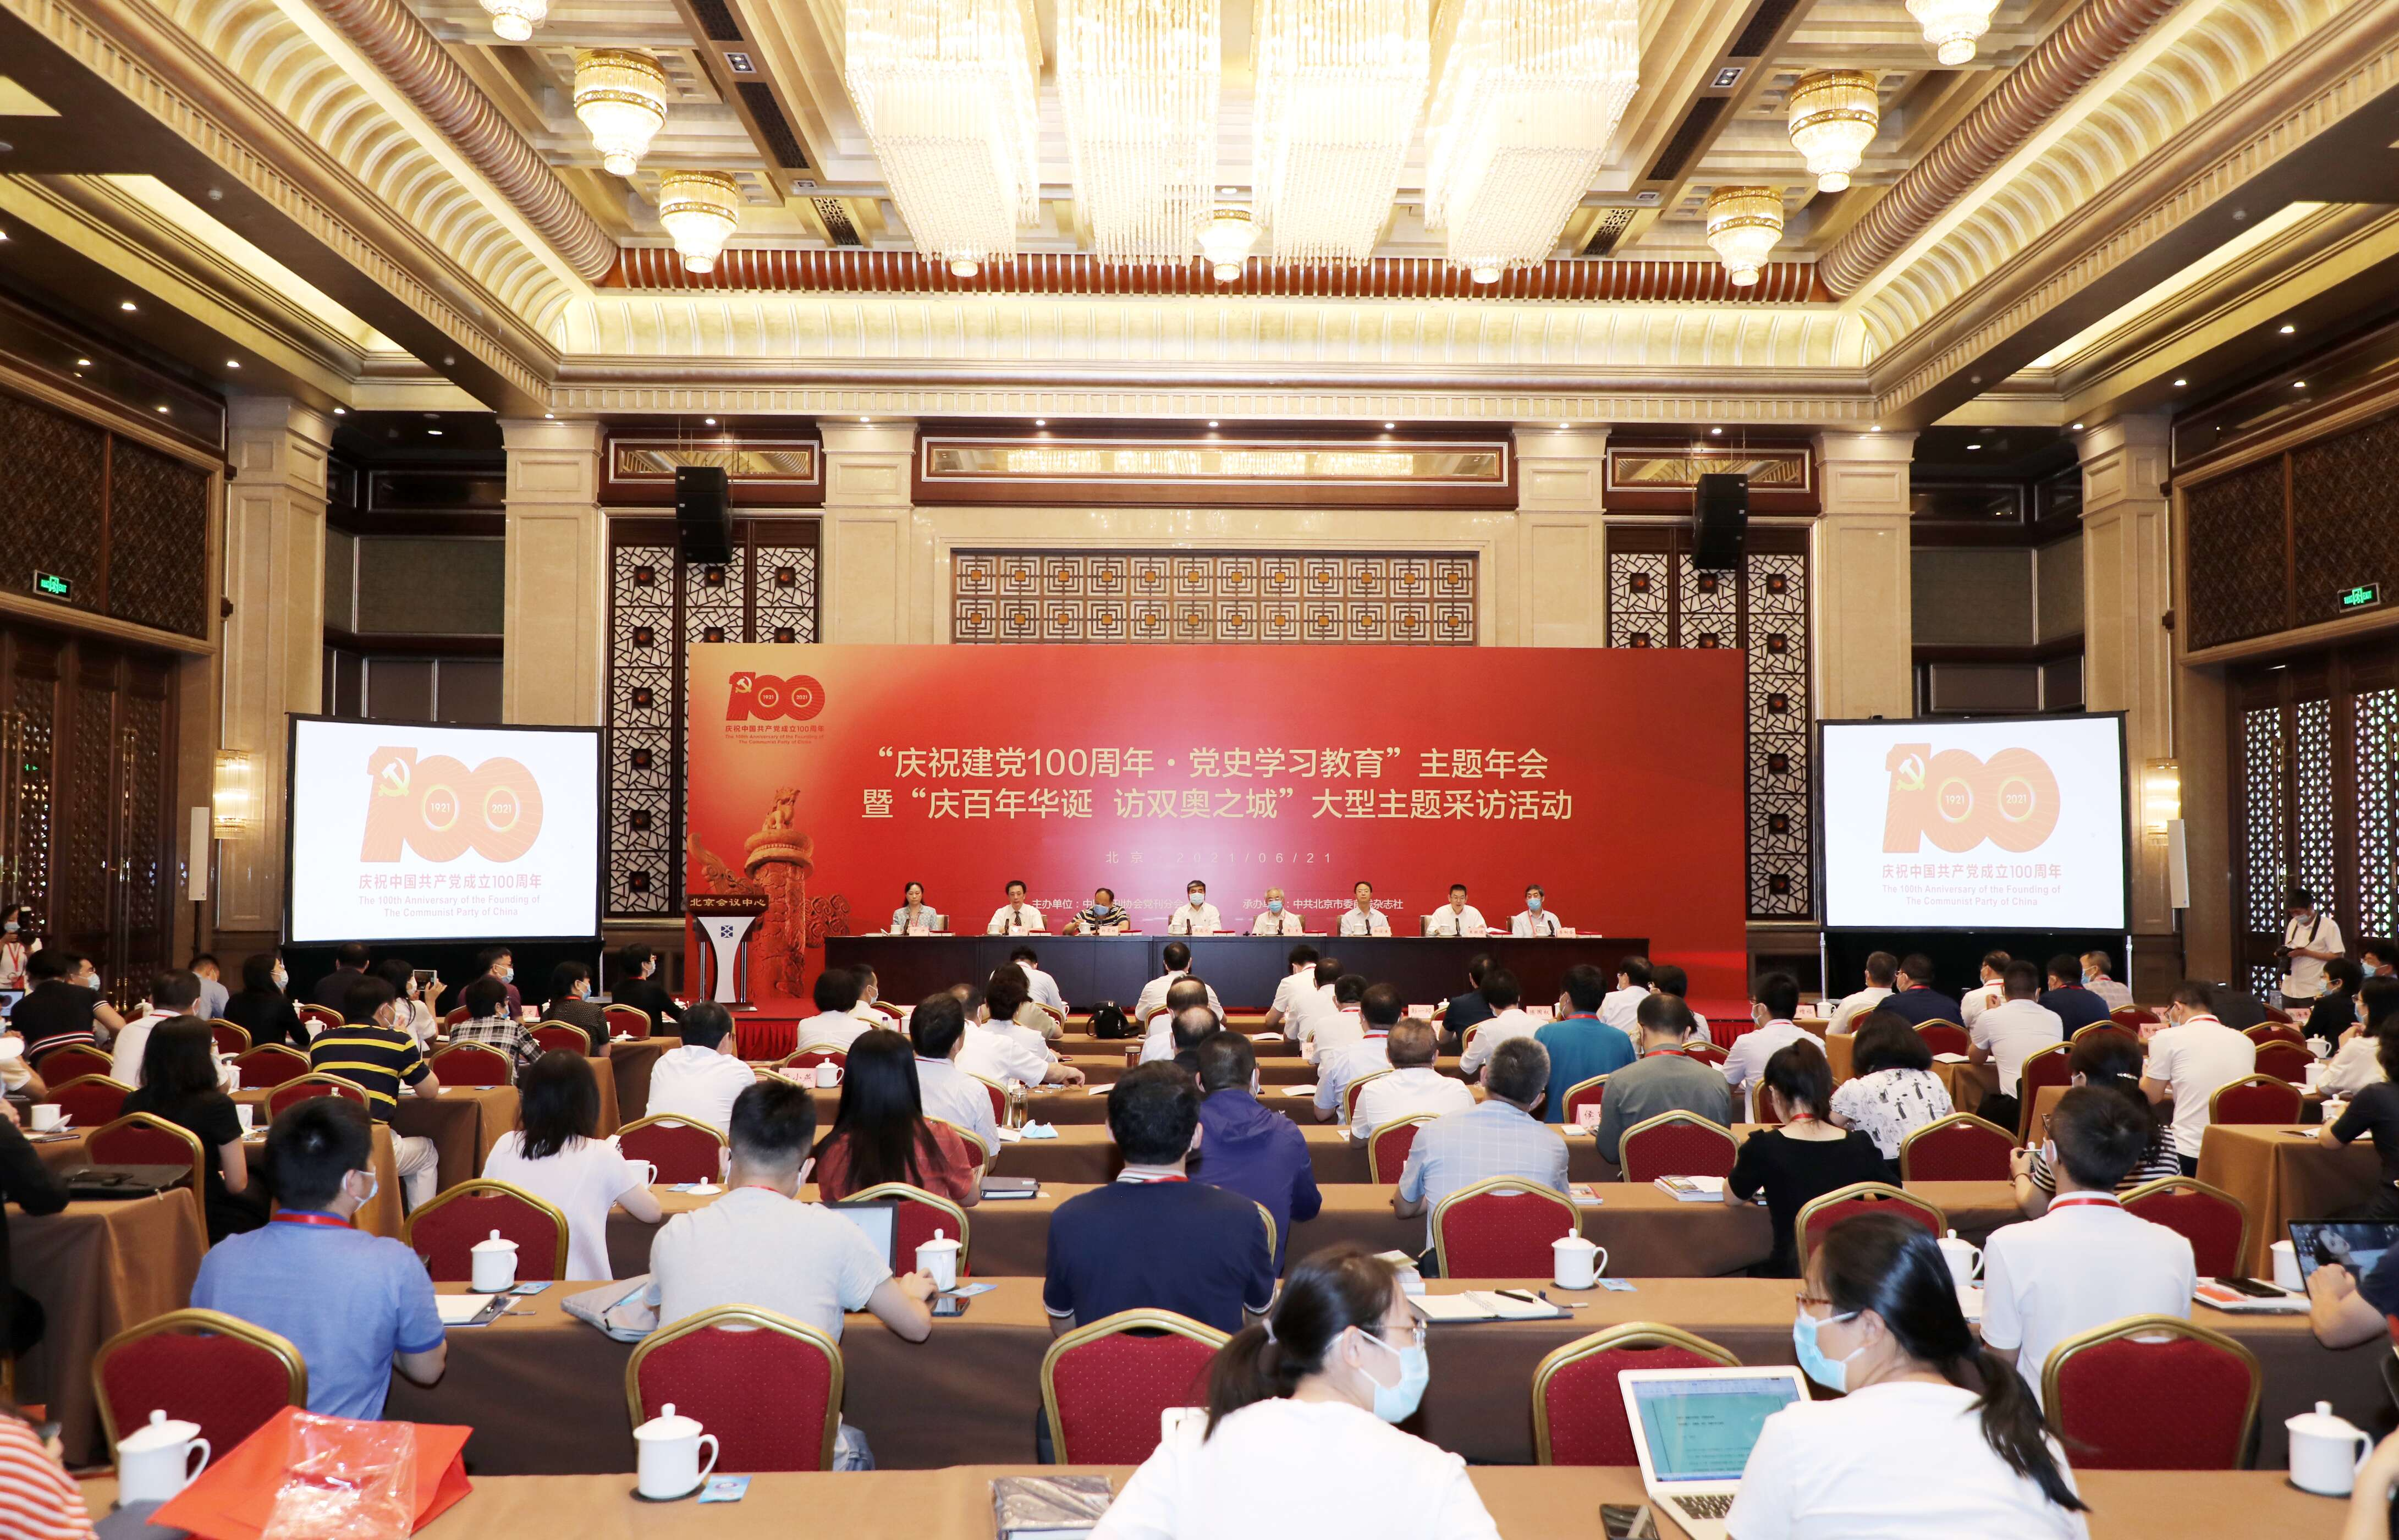 中国期刊协会党刊分会2021年年会近日在北京召开